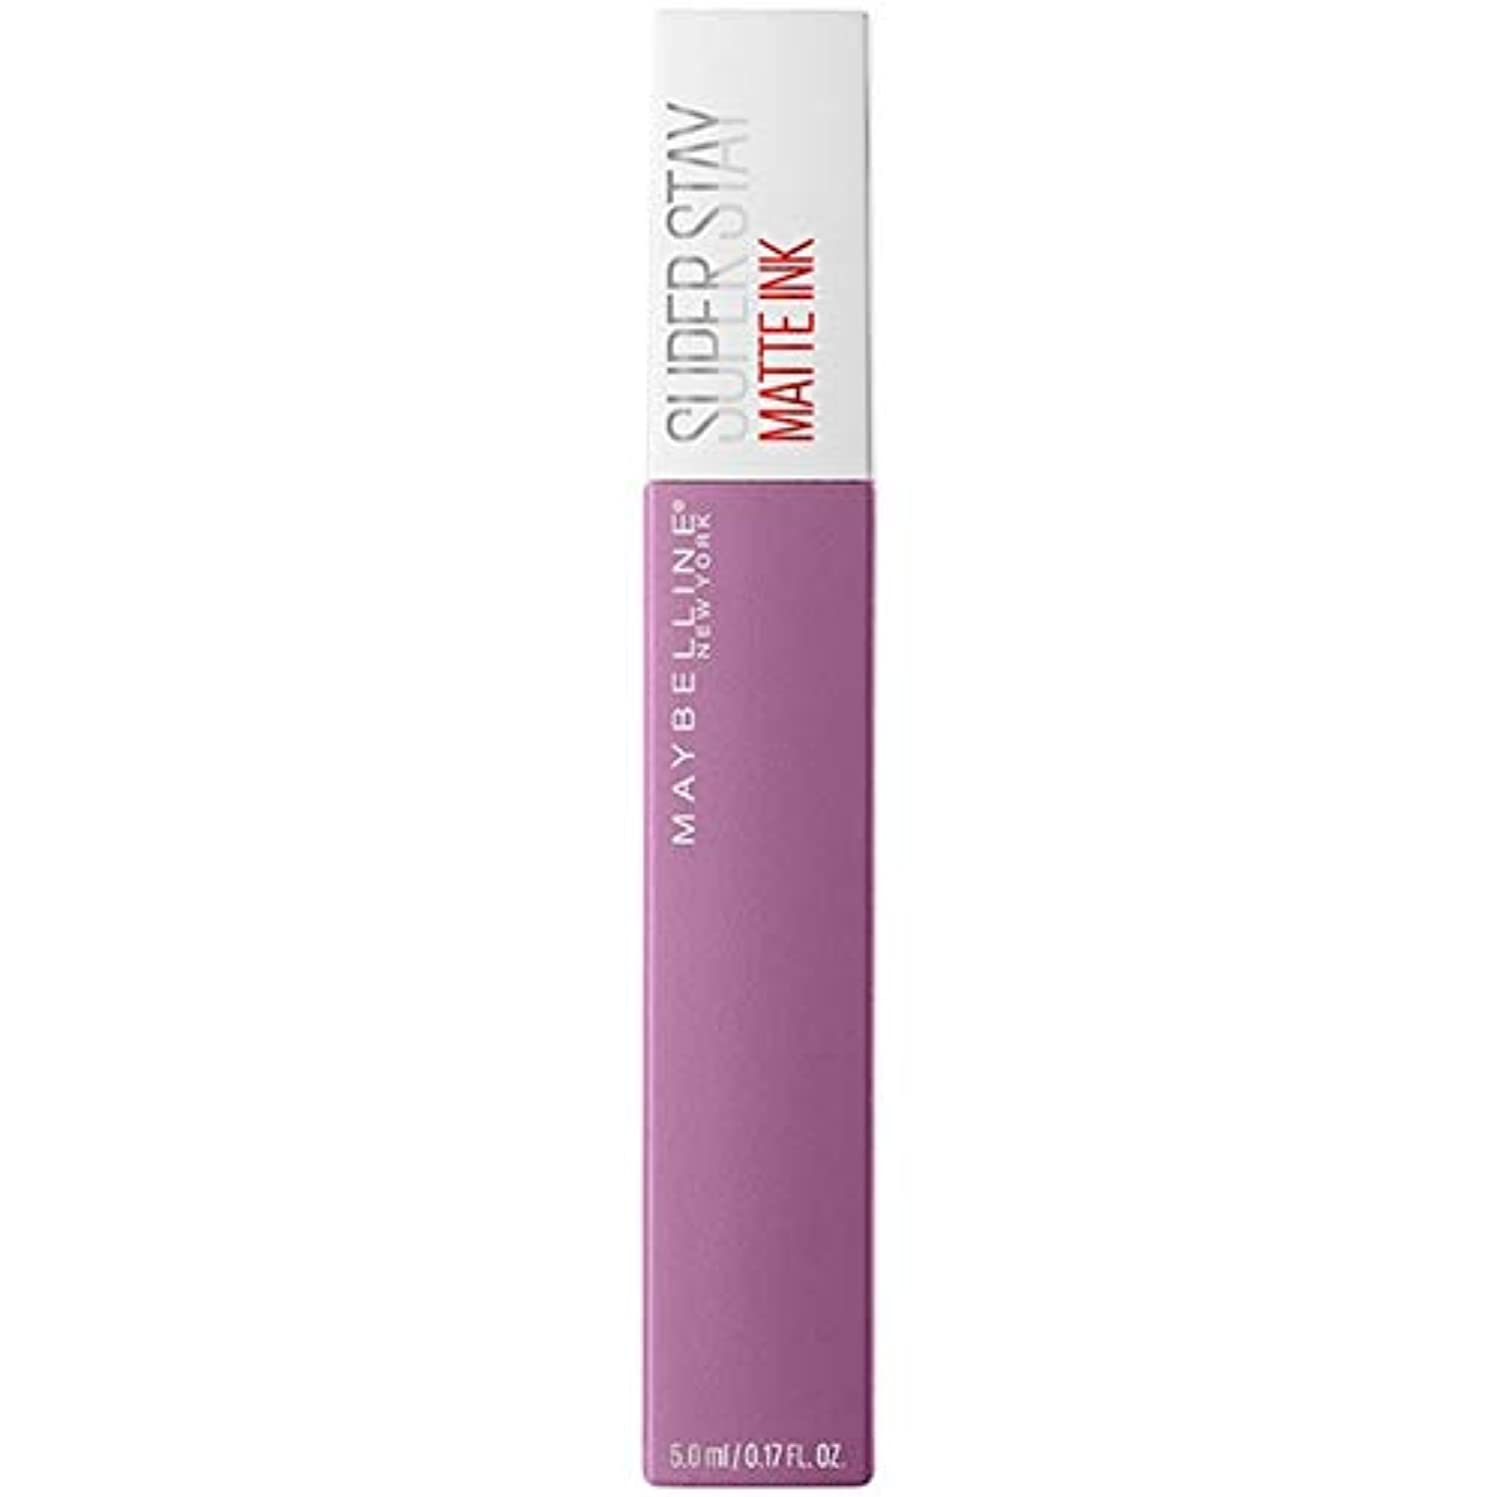 ブラウンケント遮る[Maybelline ] メイベリンSuperstayマットインク100哲学者 - Maybelline Superstay Matte Ink 100 Philosopher [並行輸入品]